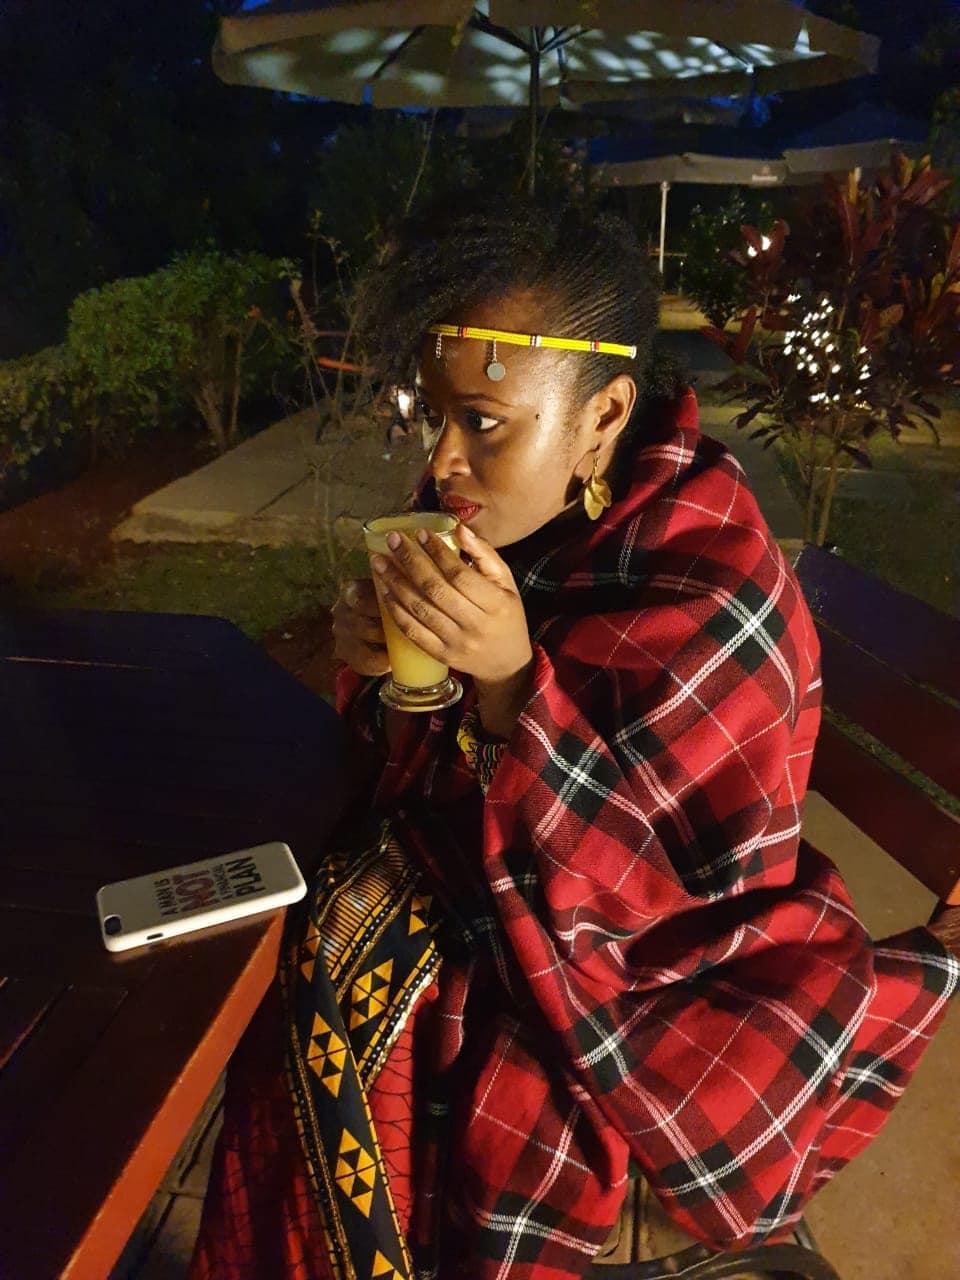 Nairobi-kenya-travel-eat-see-do-vickieremoe-72hours-EastAfrica-giraffe-shopping-TV43.jpg